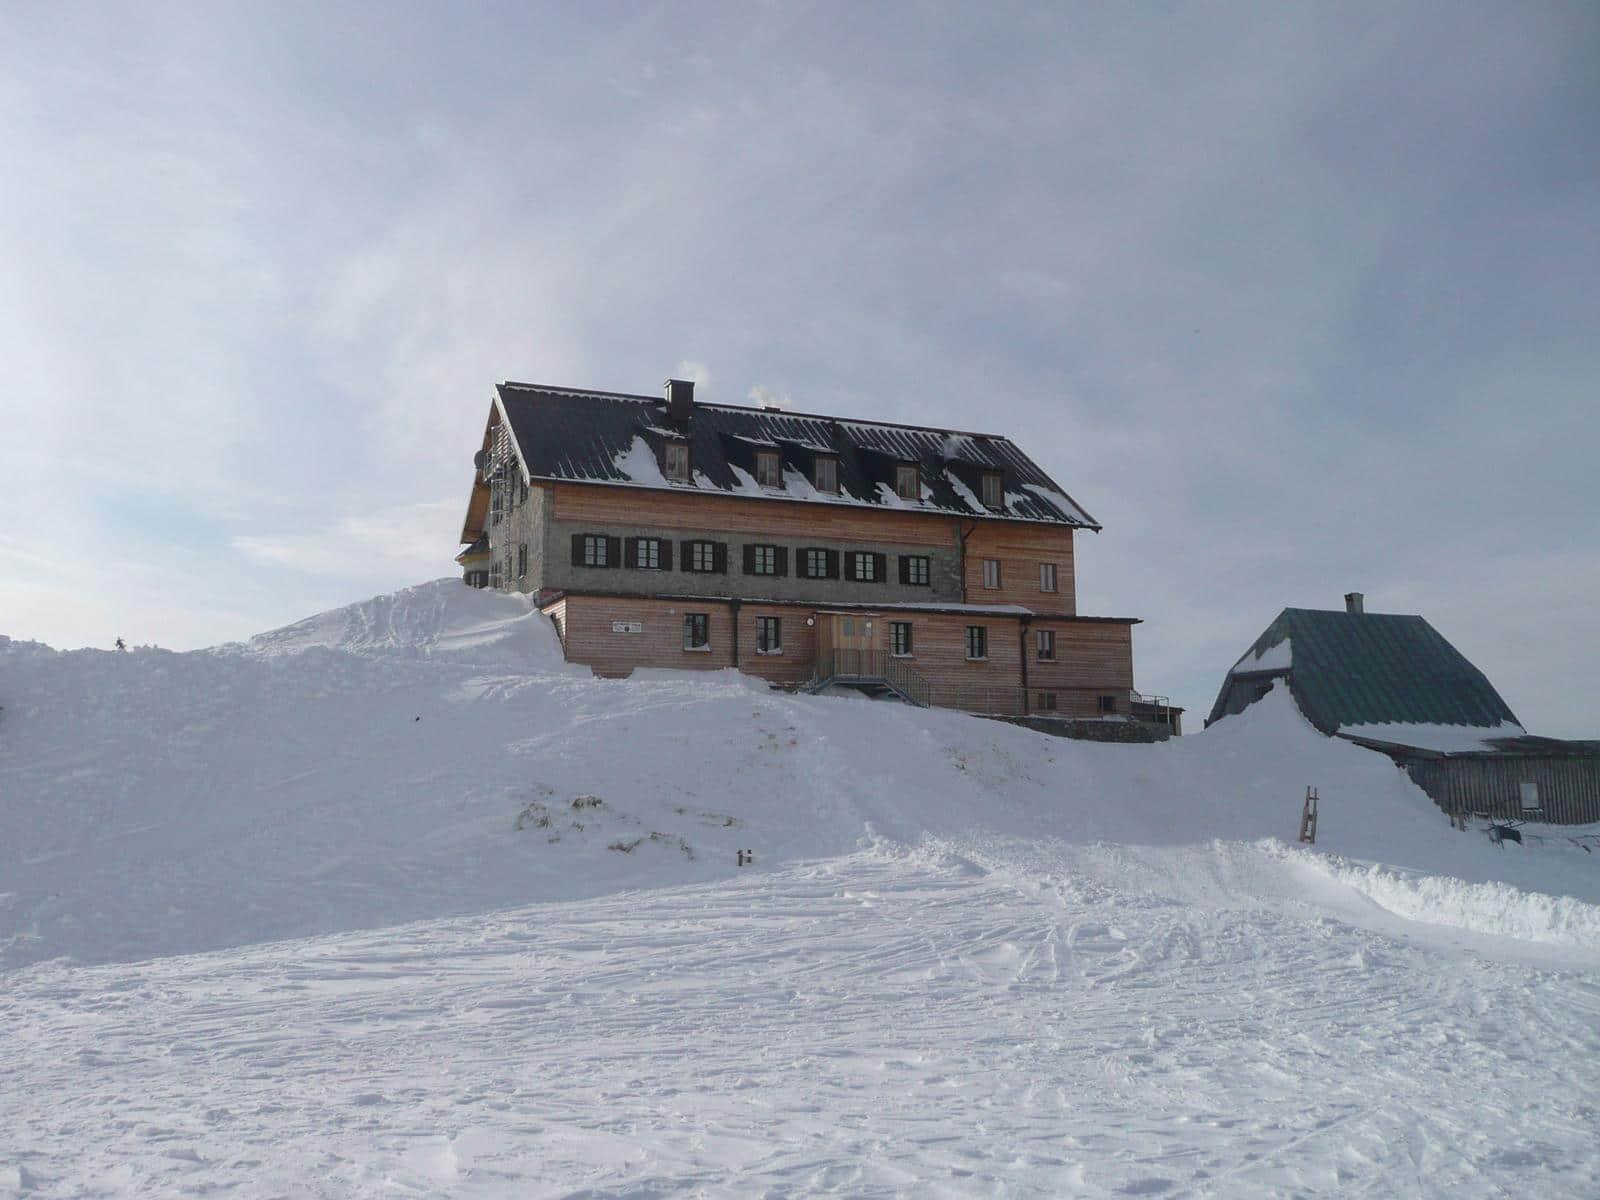 Rotwandhaus am Spitzingsee: Tief verschneit und Ziel von Winterwanderern und Skitourengehern